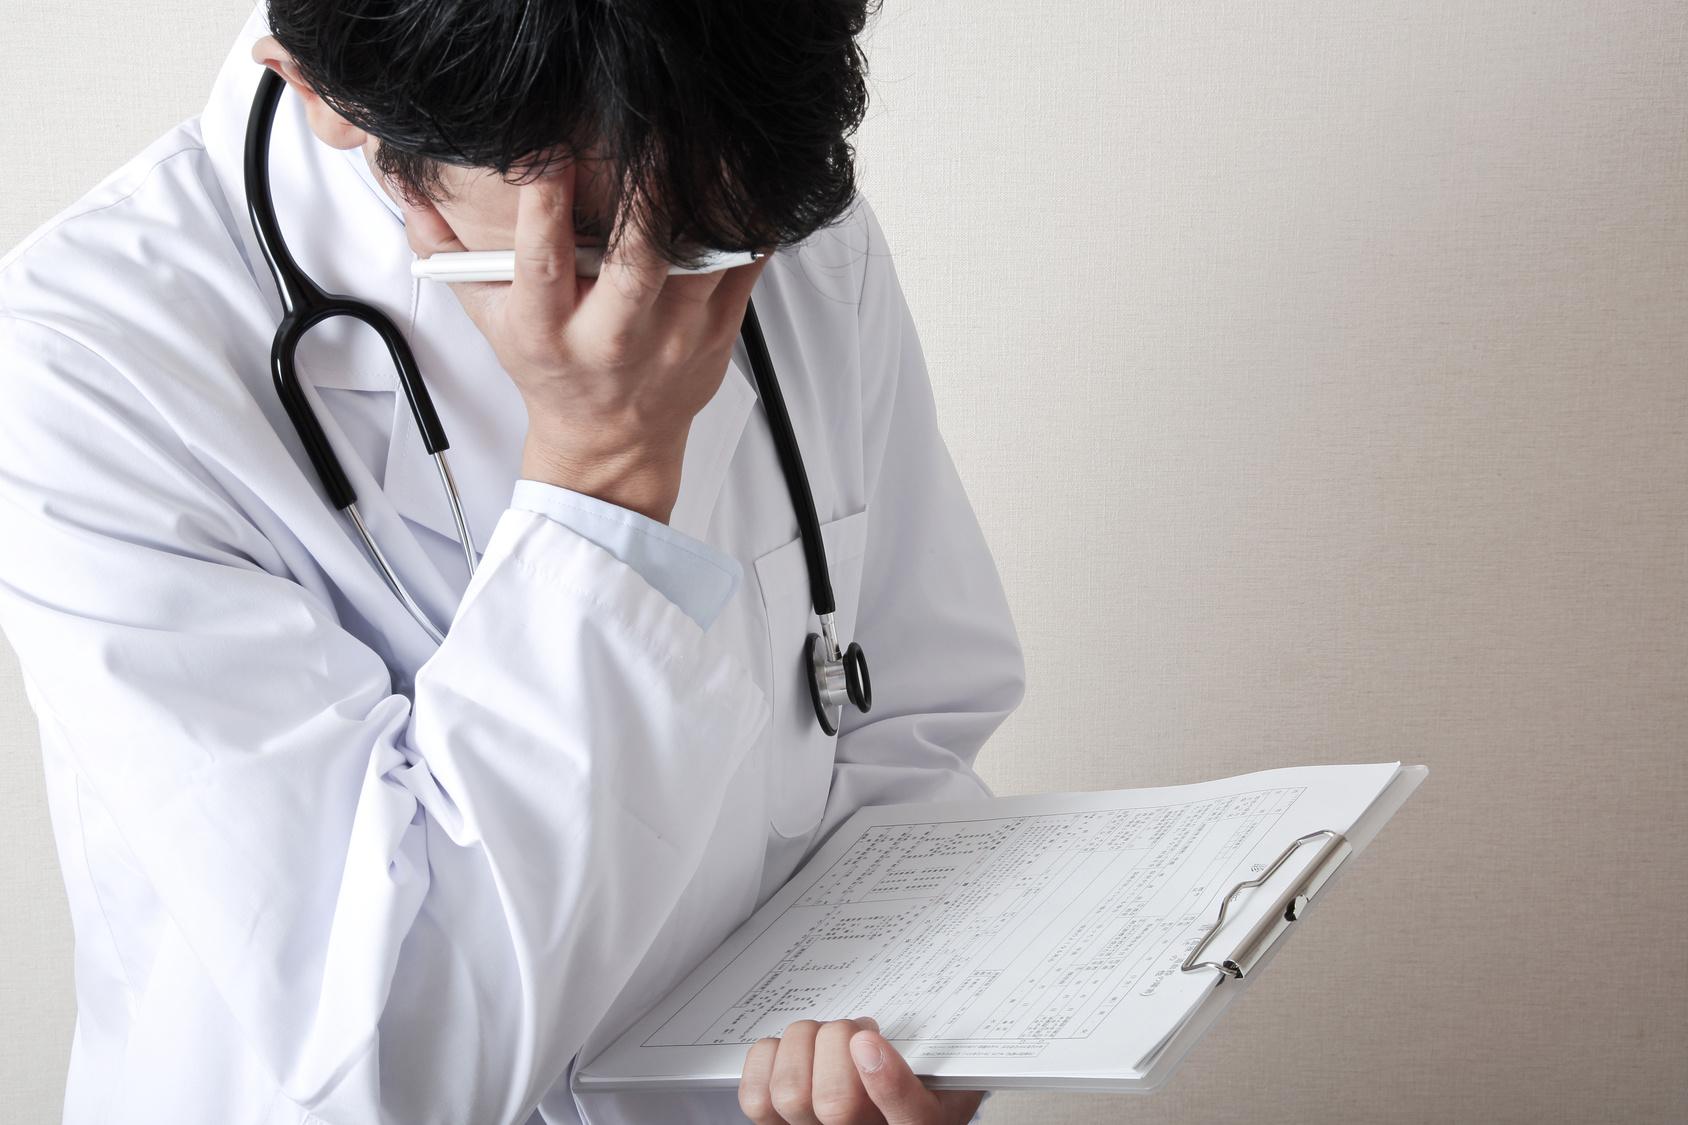 悩んでいる若い医者